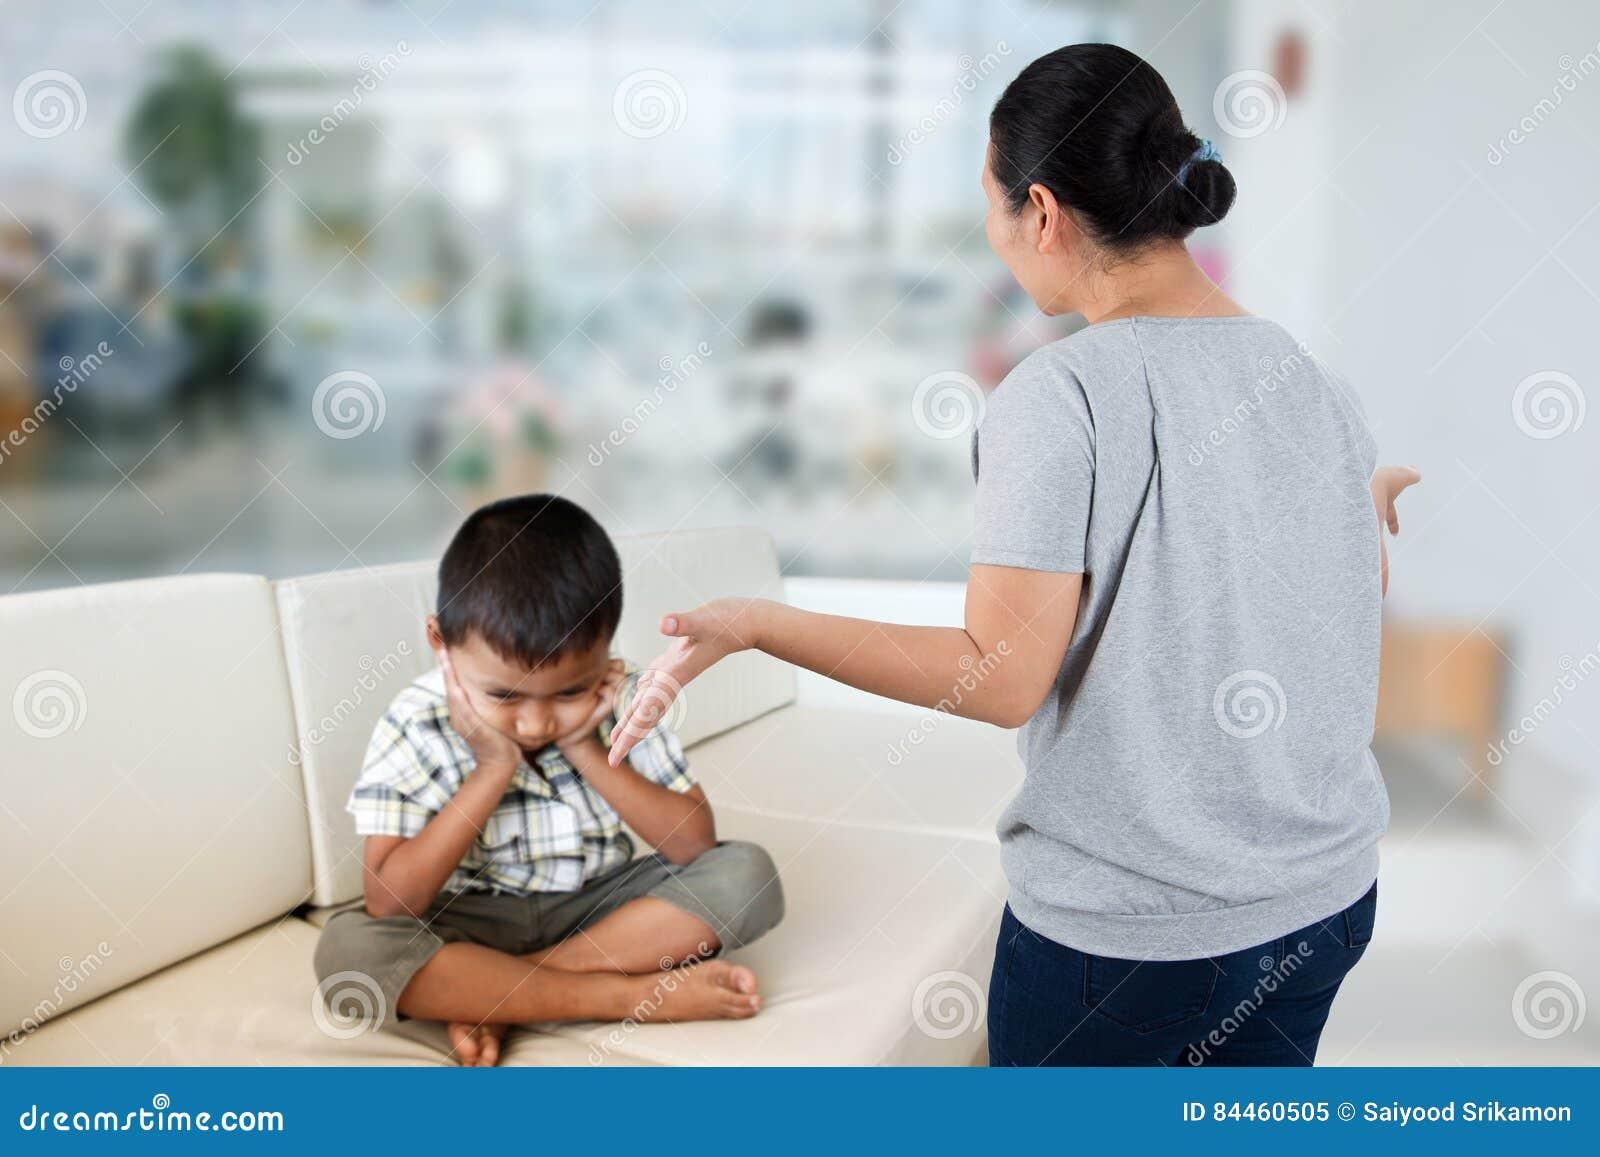 Negatywny emocja rodzic